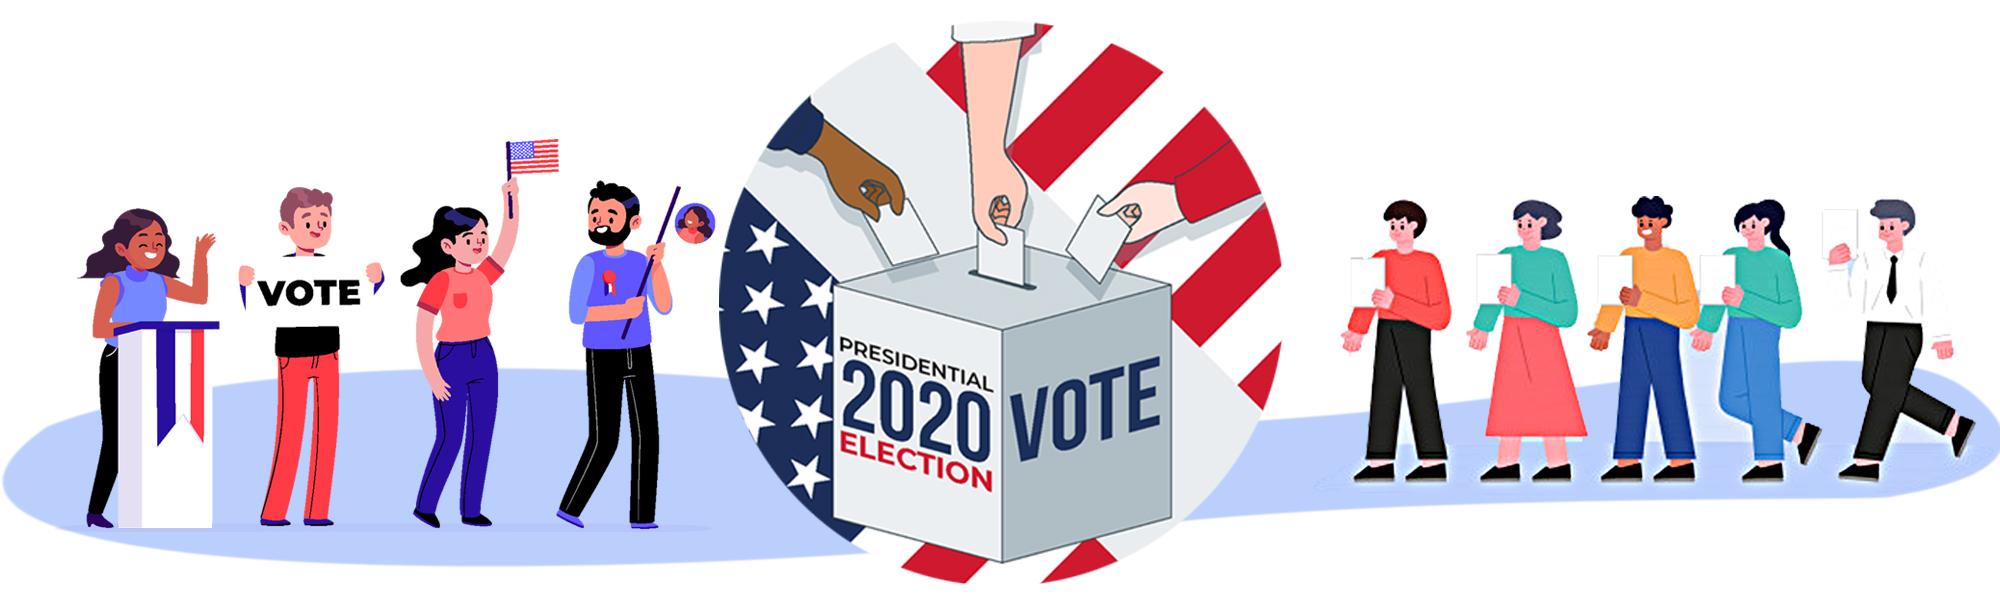 Toàn cảnh quy trình bầu ra Tổng thống Mỹ 2020